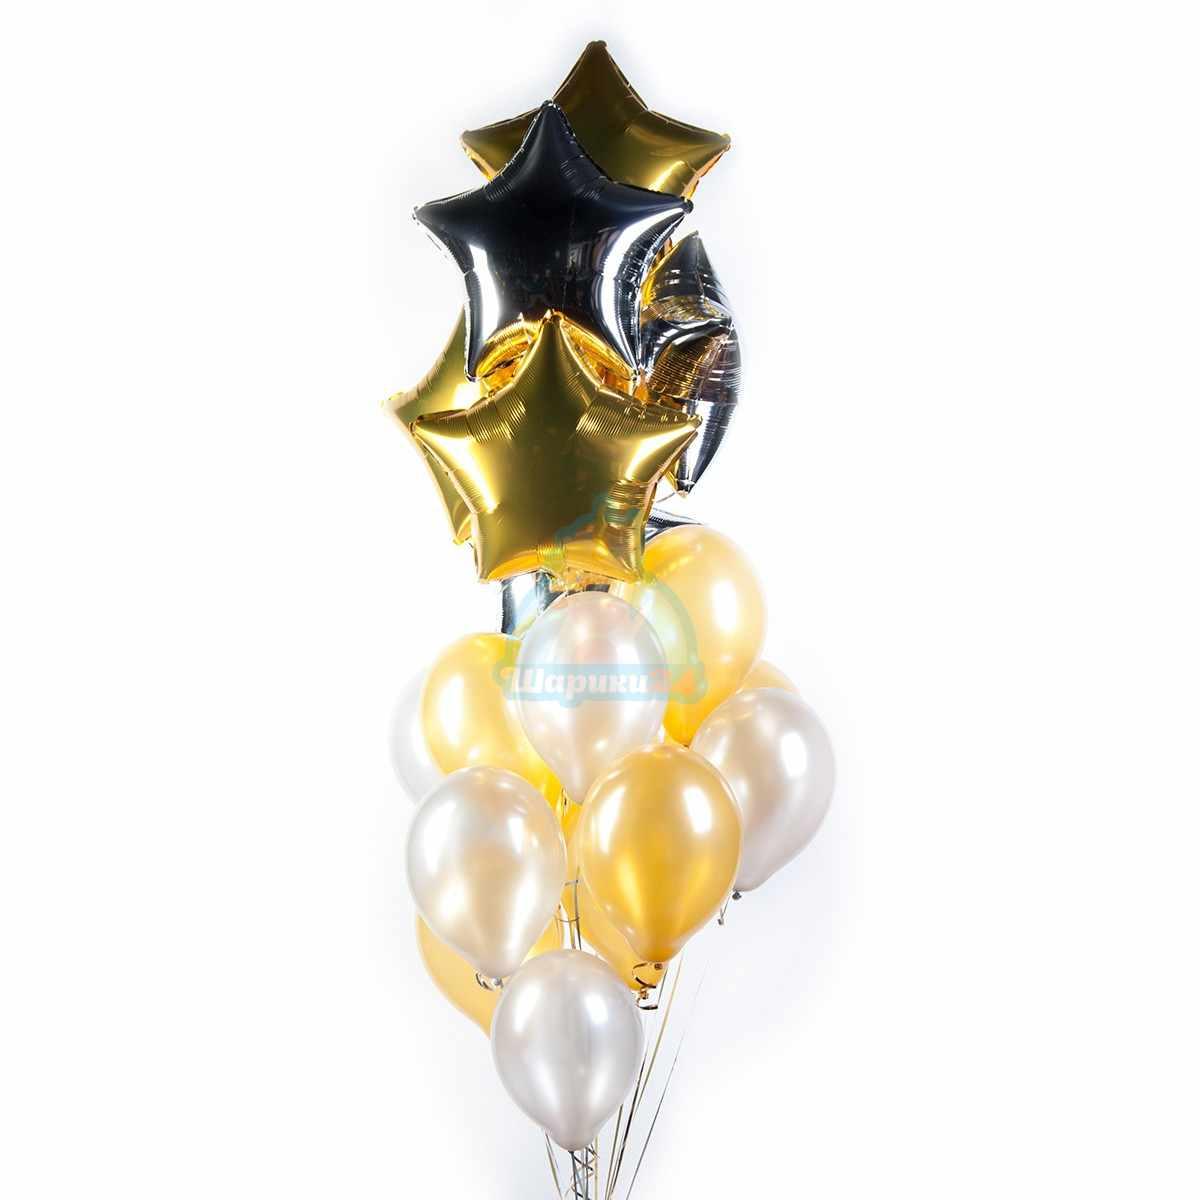 Облако серебряных и золотых шариков со звездами фото в интернет-магазине Шарики 24